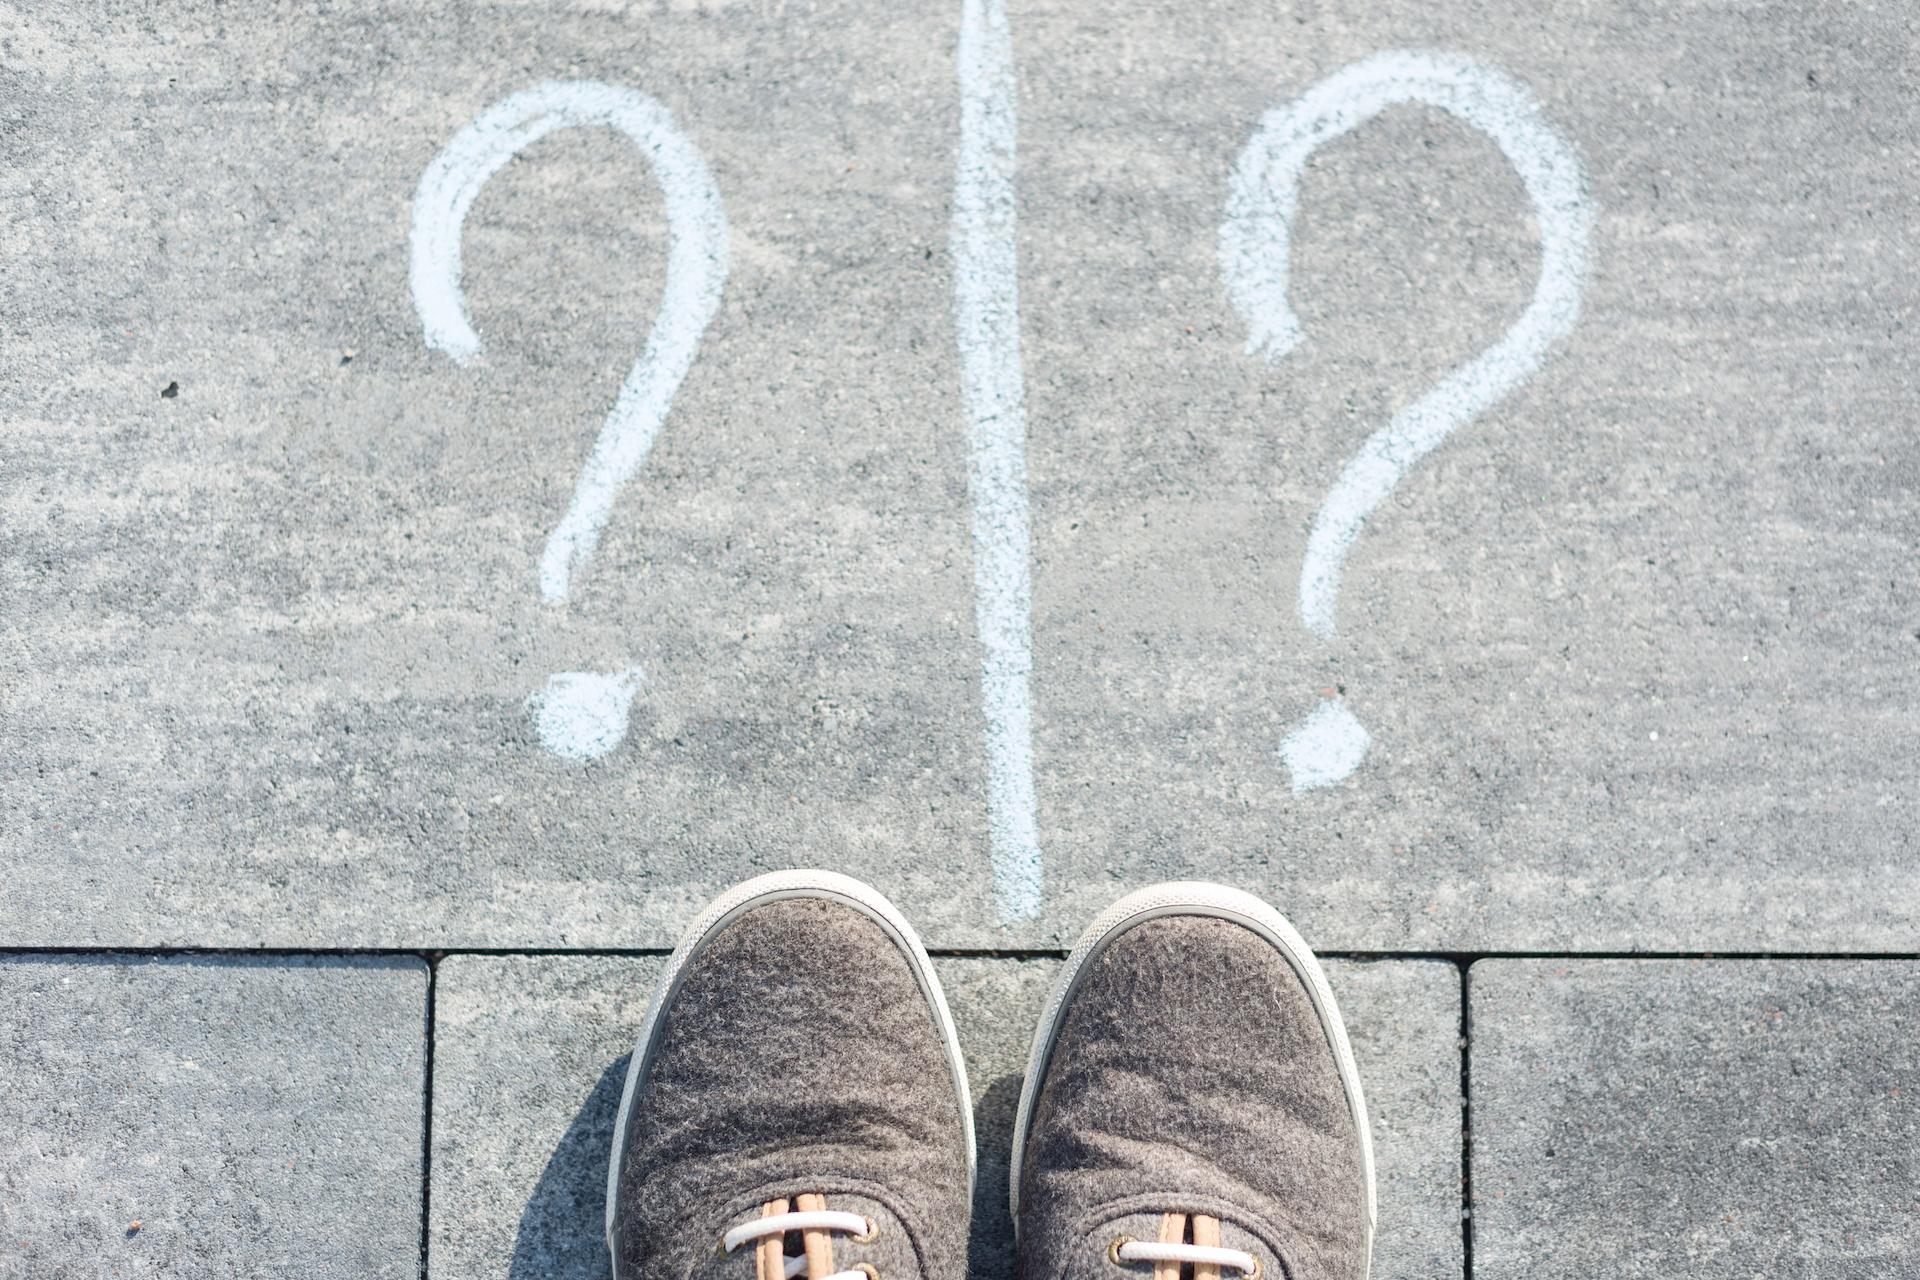 Dos signos de interrogación sobre el suelo